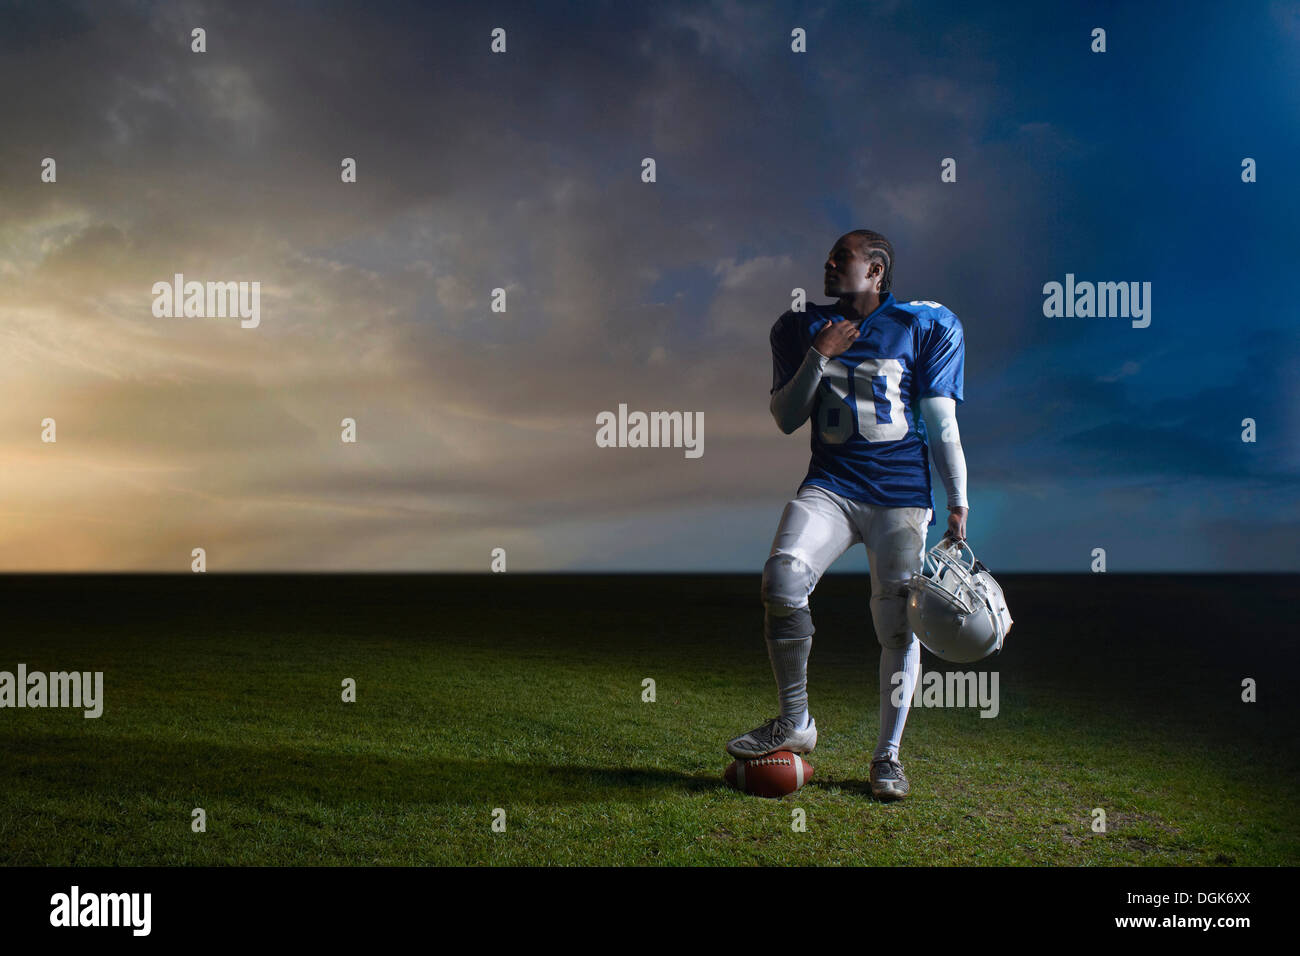 Retrato de jugador de fútbol americano descansando el pie sobre el balón Imagen De Stock